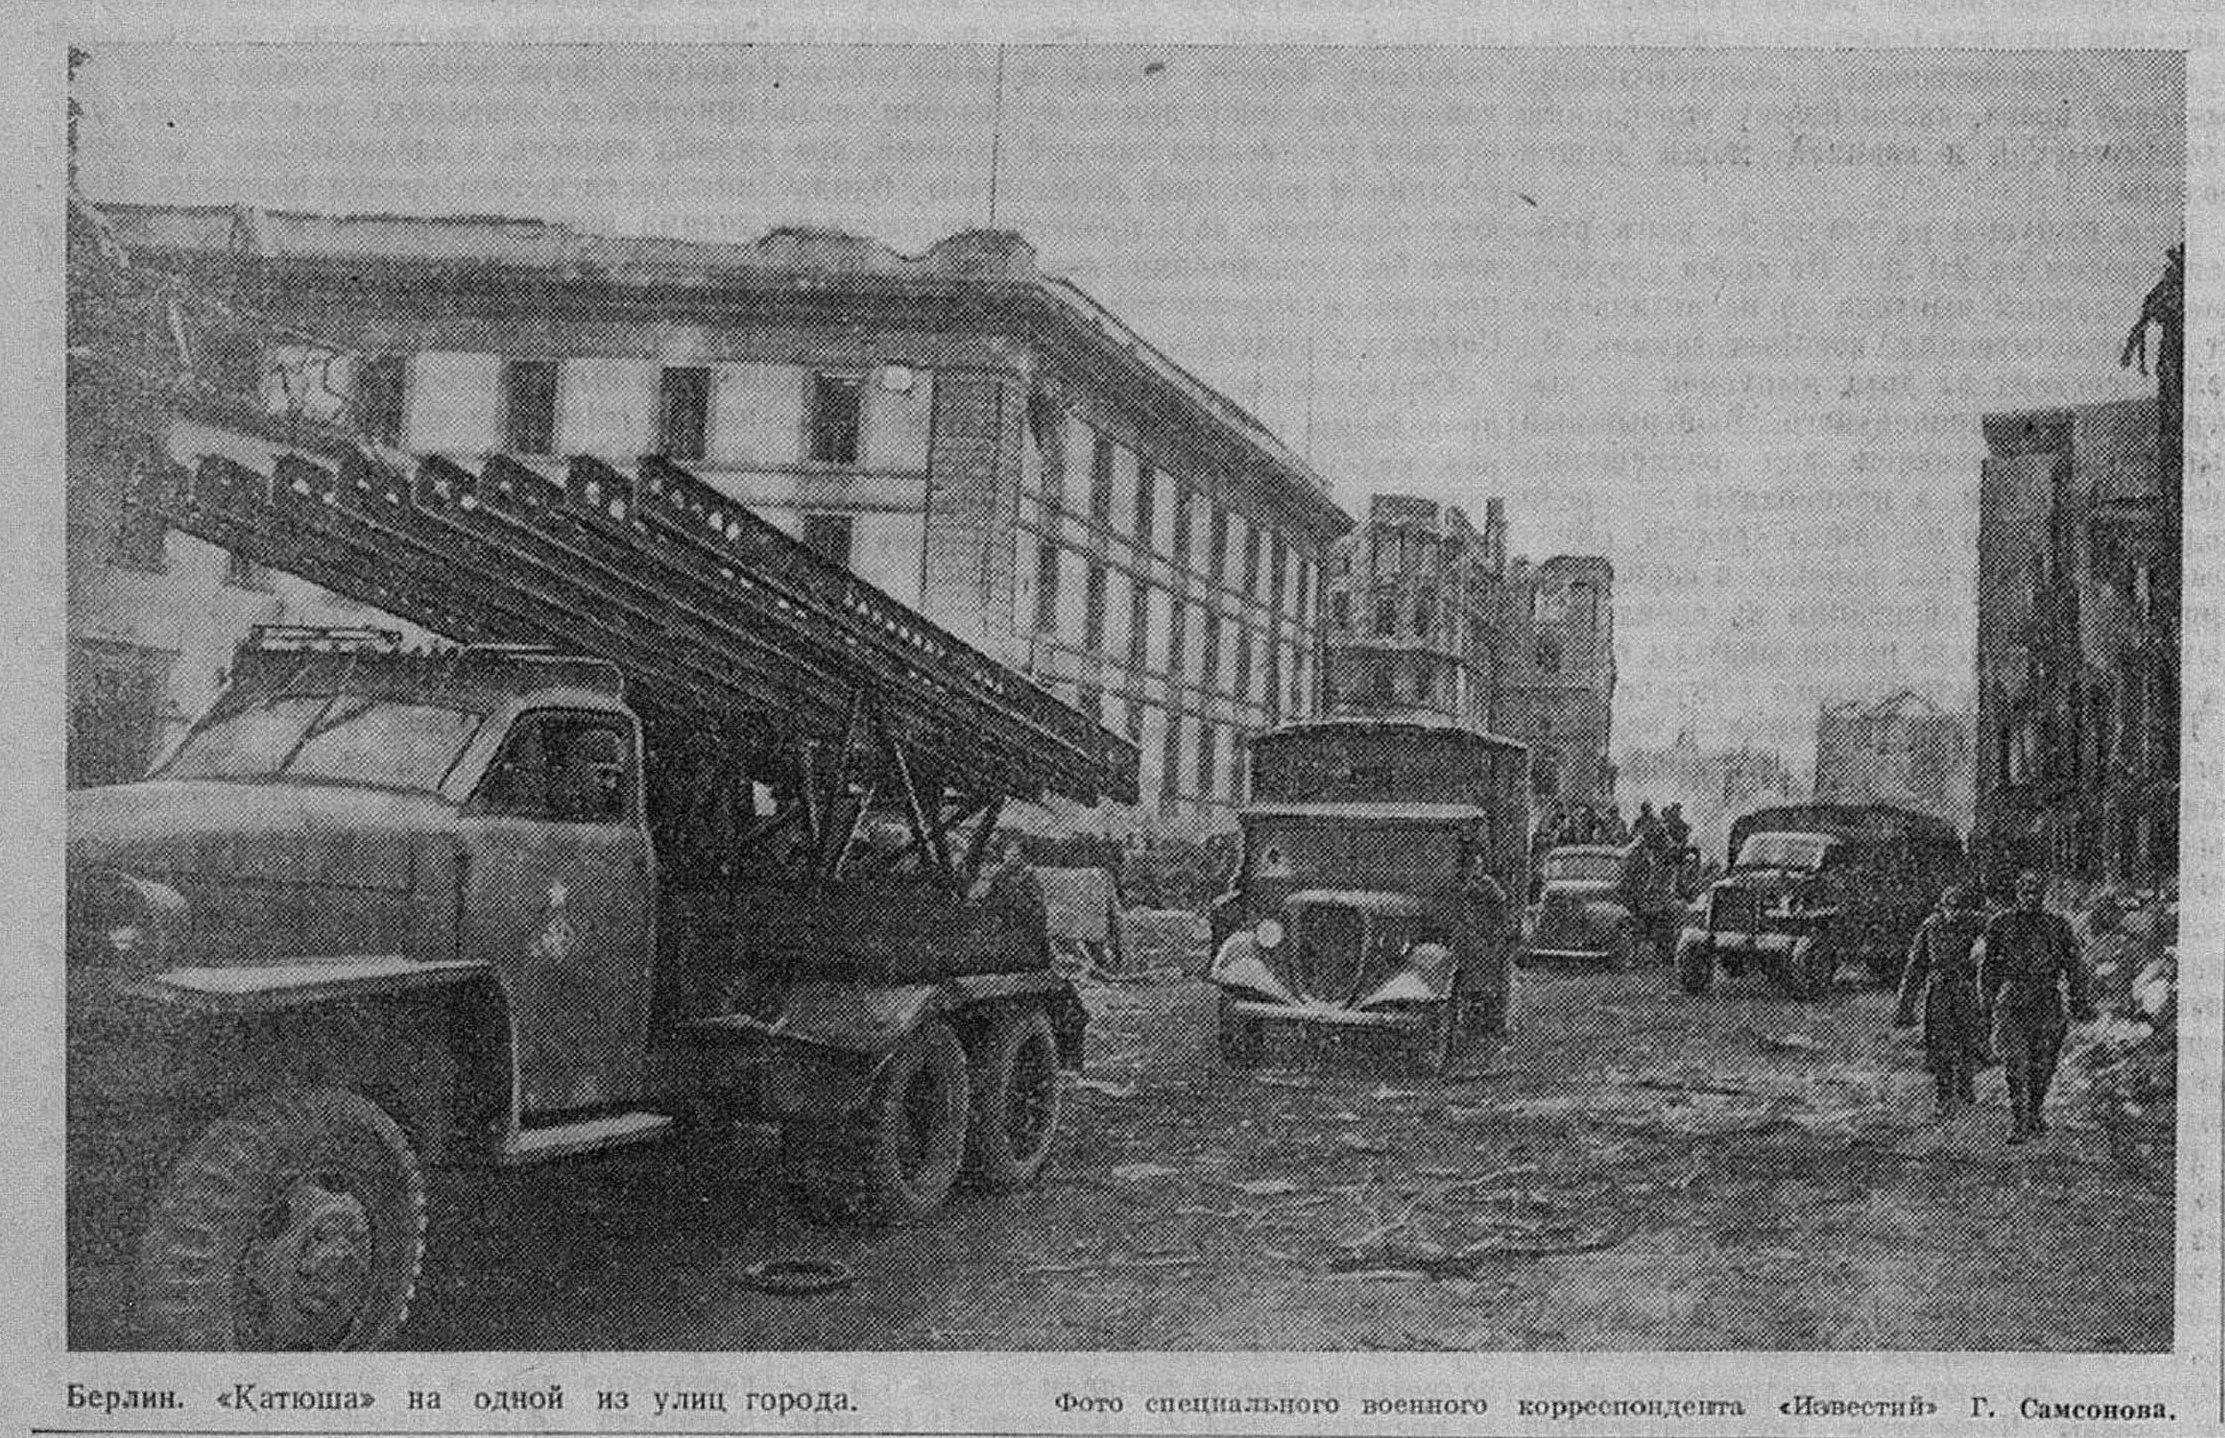 5 мая 1945 года в «Известиях»: Берлин взят, лакеи Гитлера в трауре